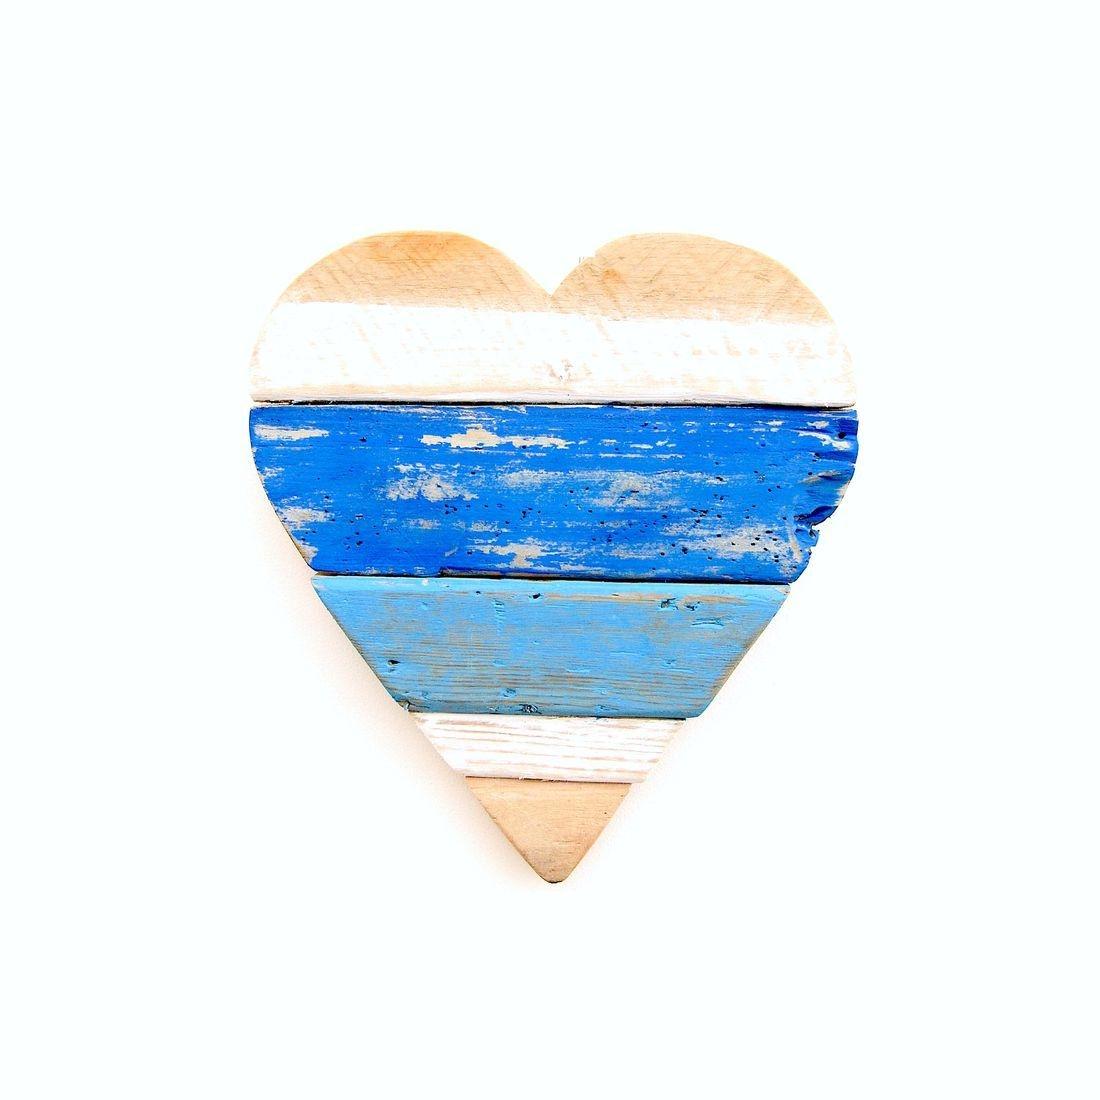 Driftwood Heart 11